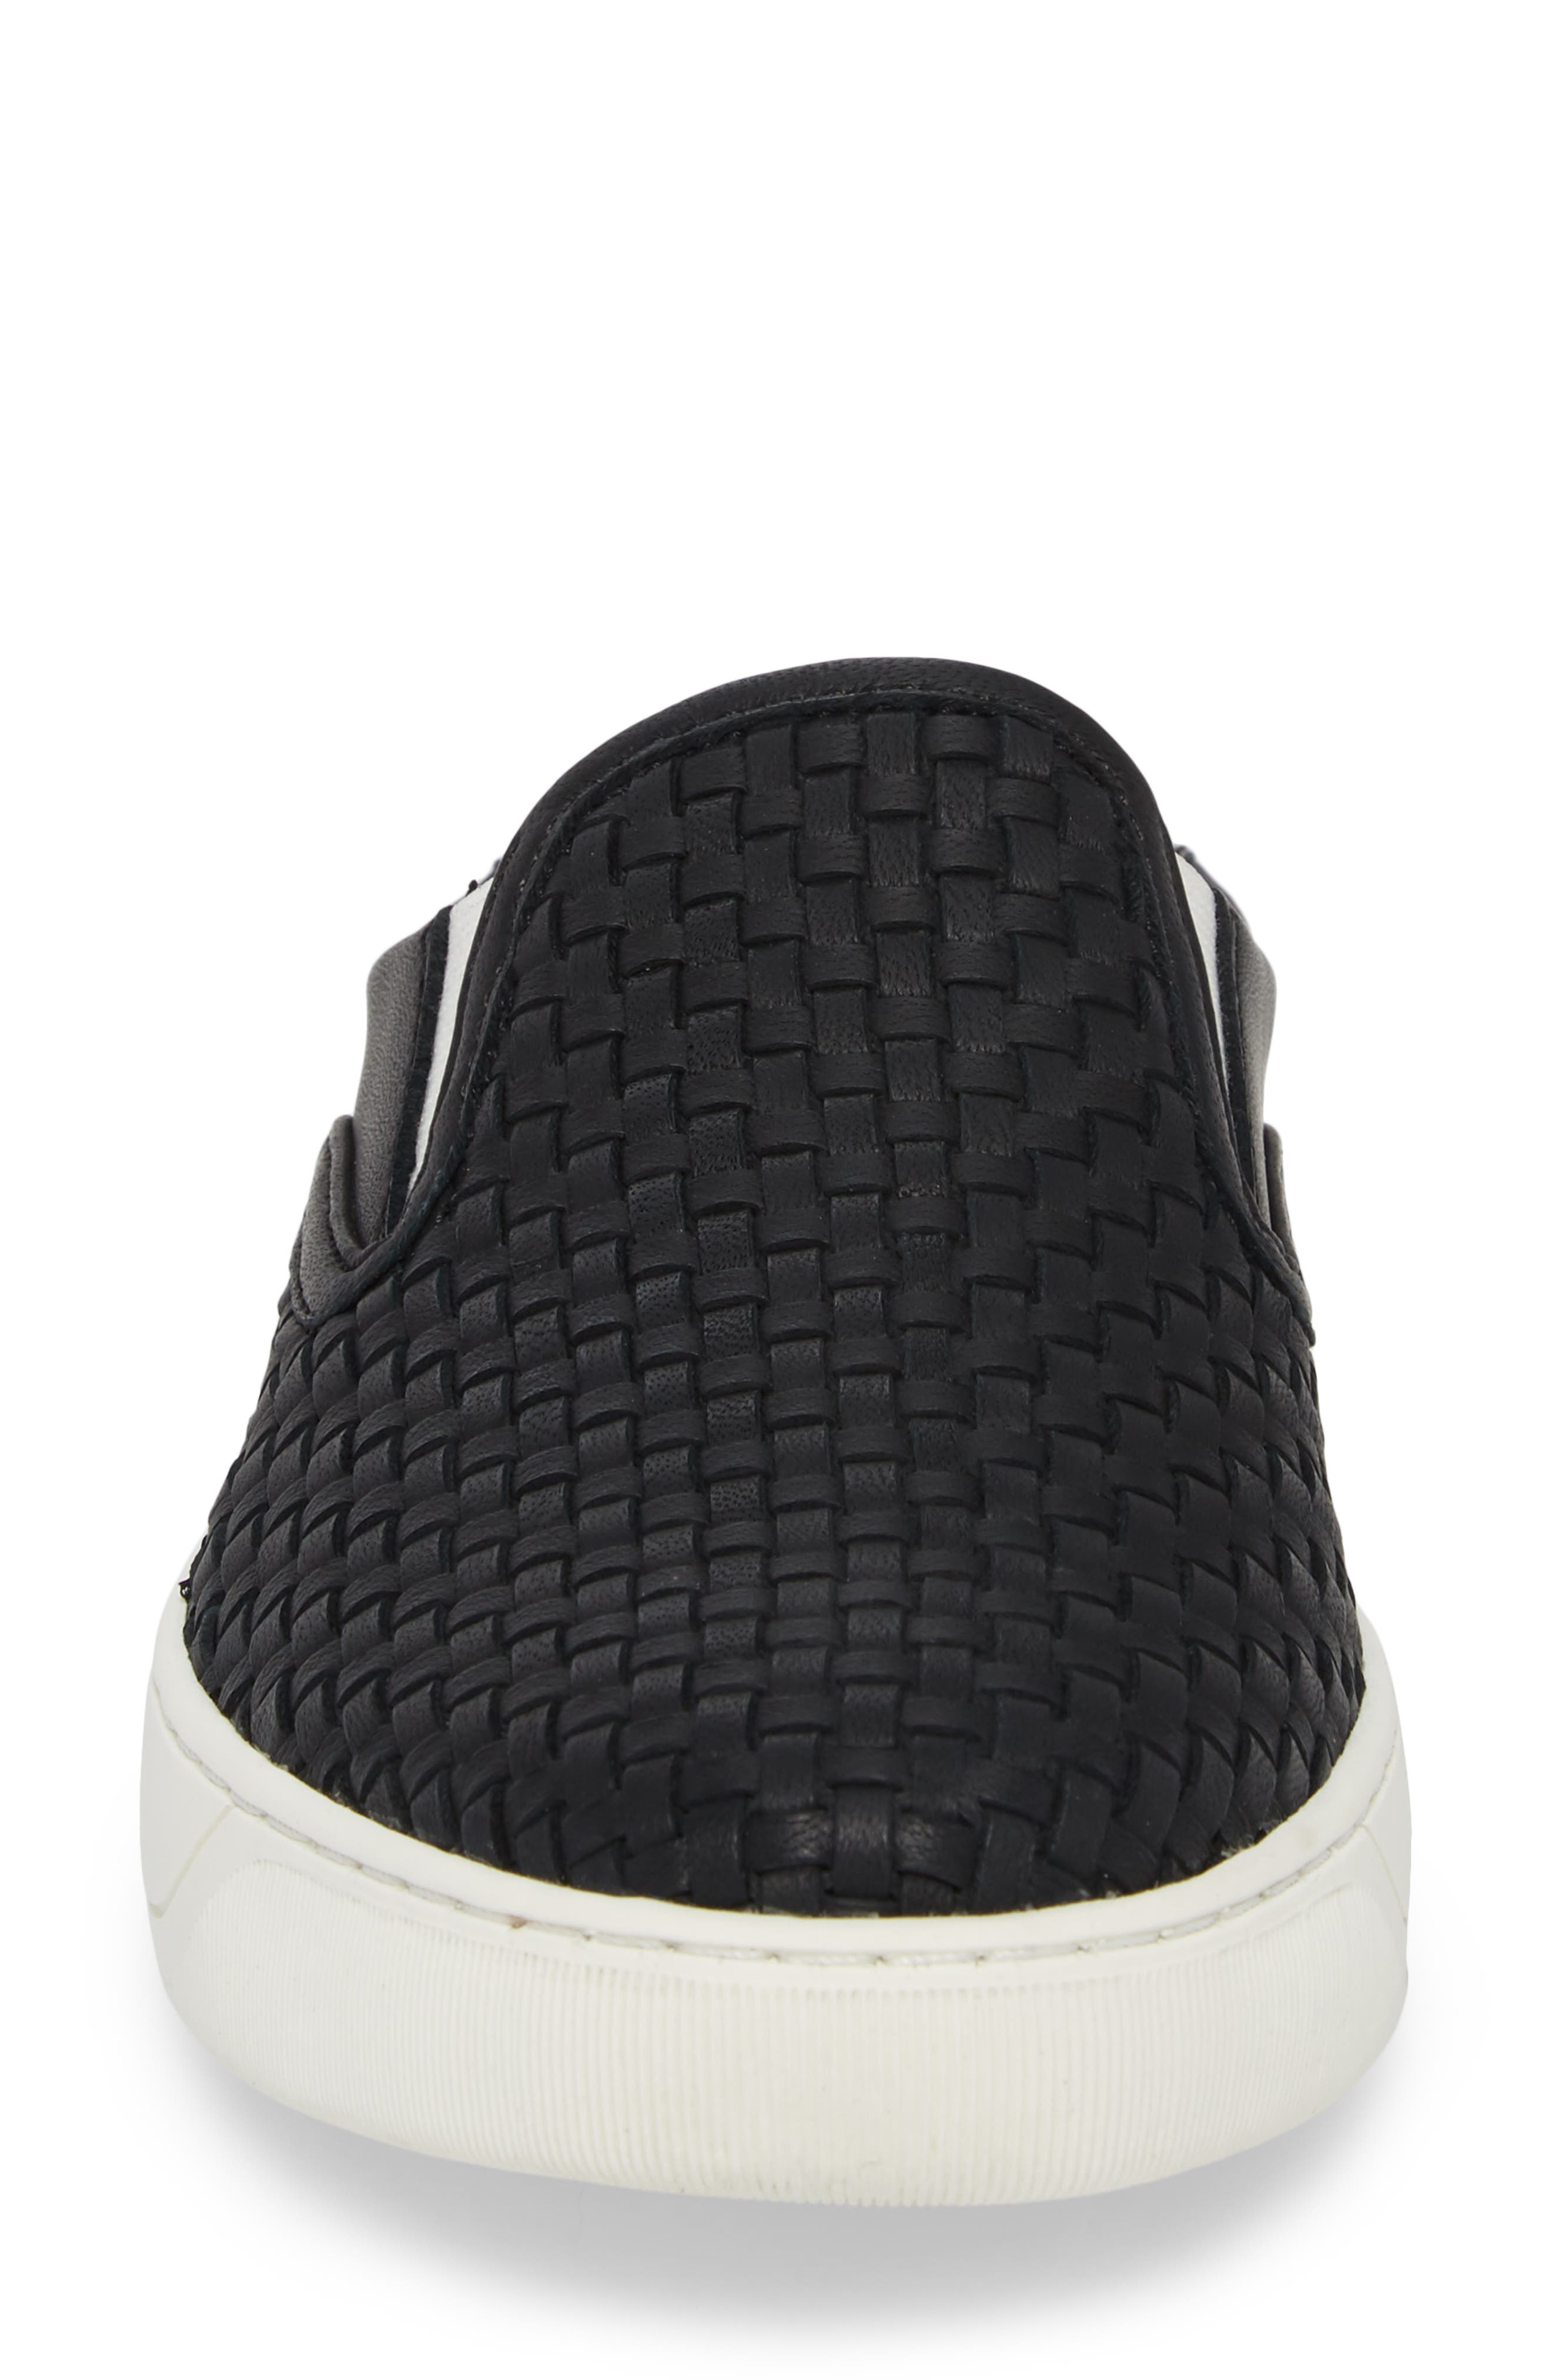 JOHNSTON & MURPHY, Evie Slip-On Sneaker, Alternate thumbnail 4, color, BLACK LEATHER